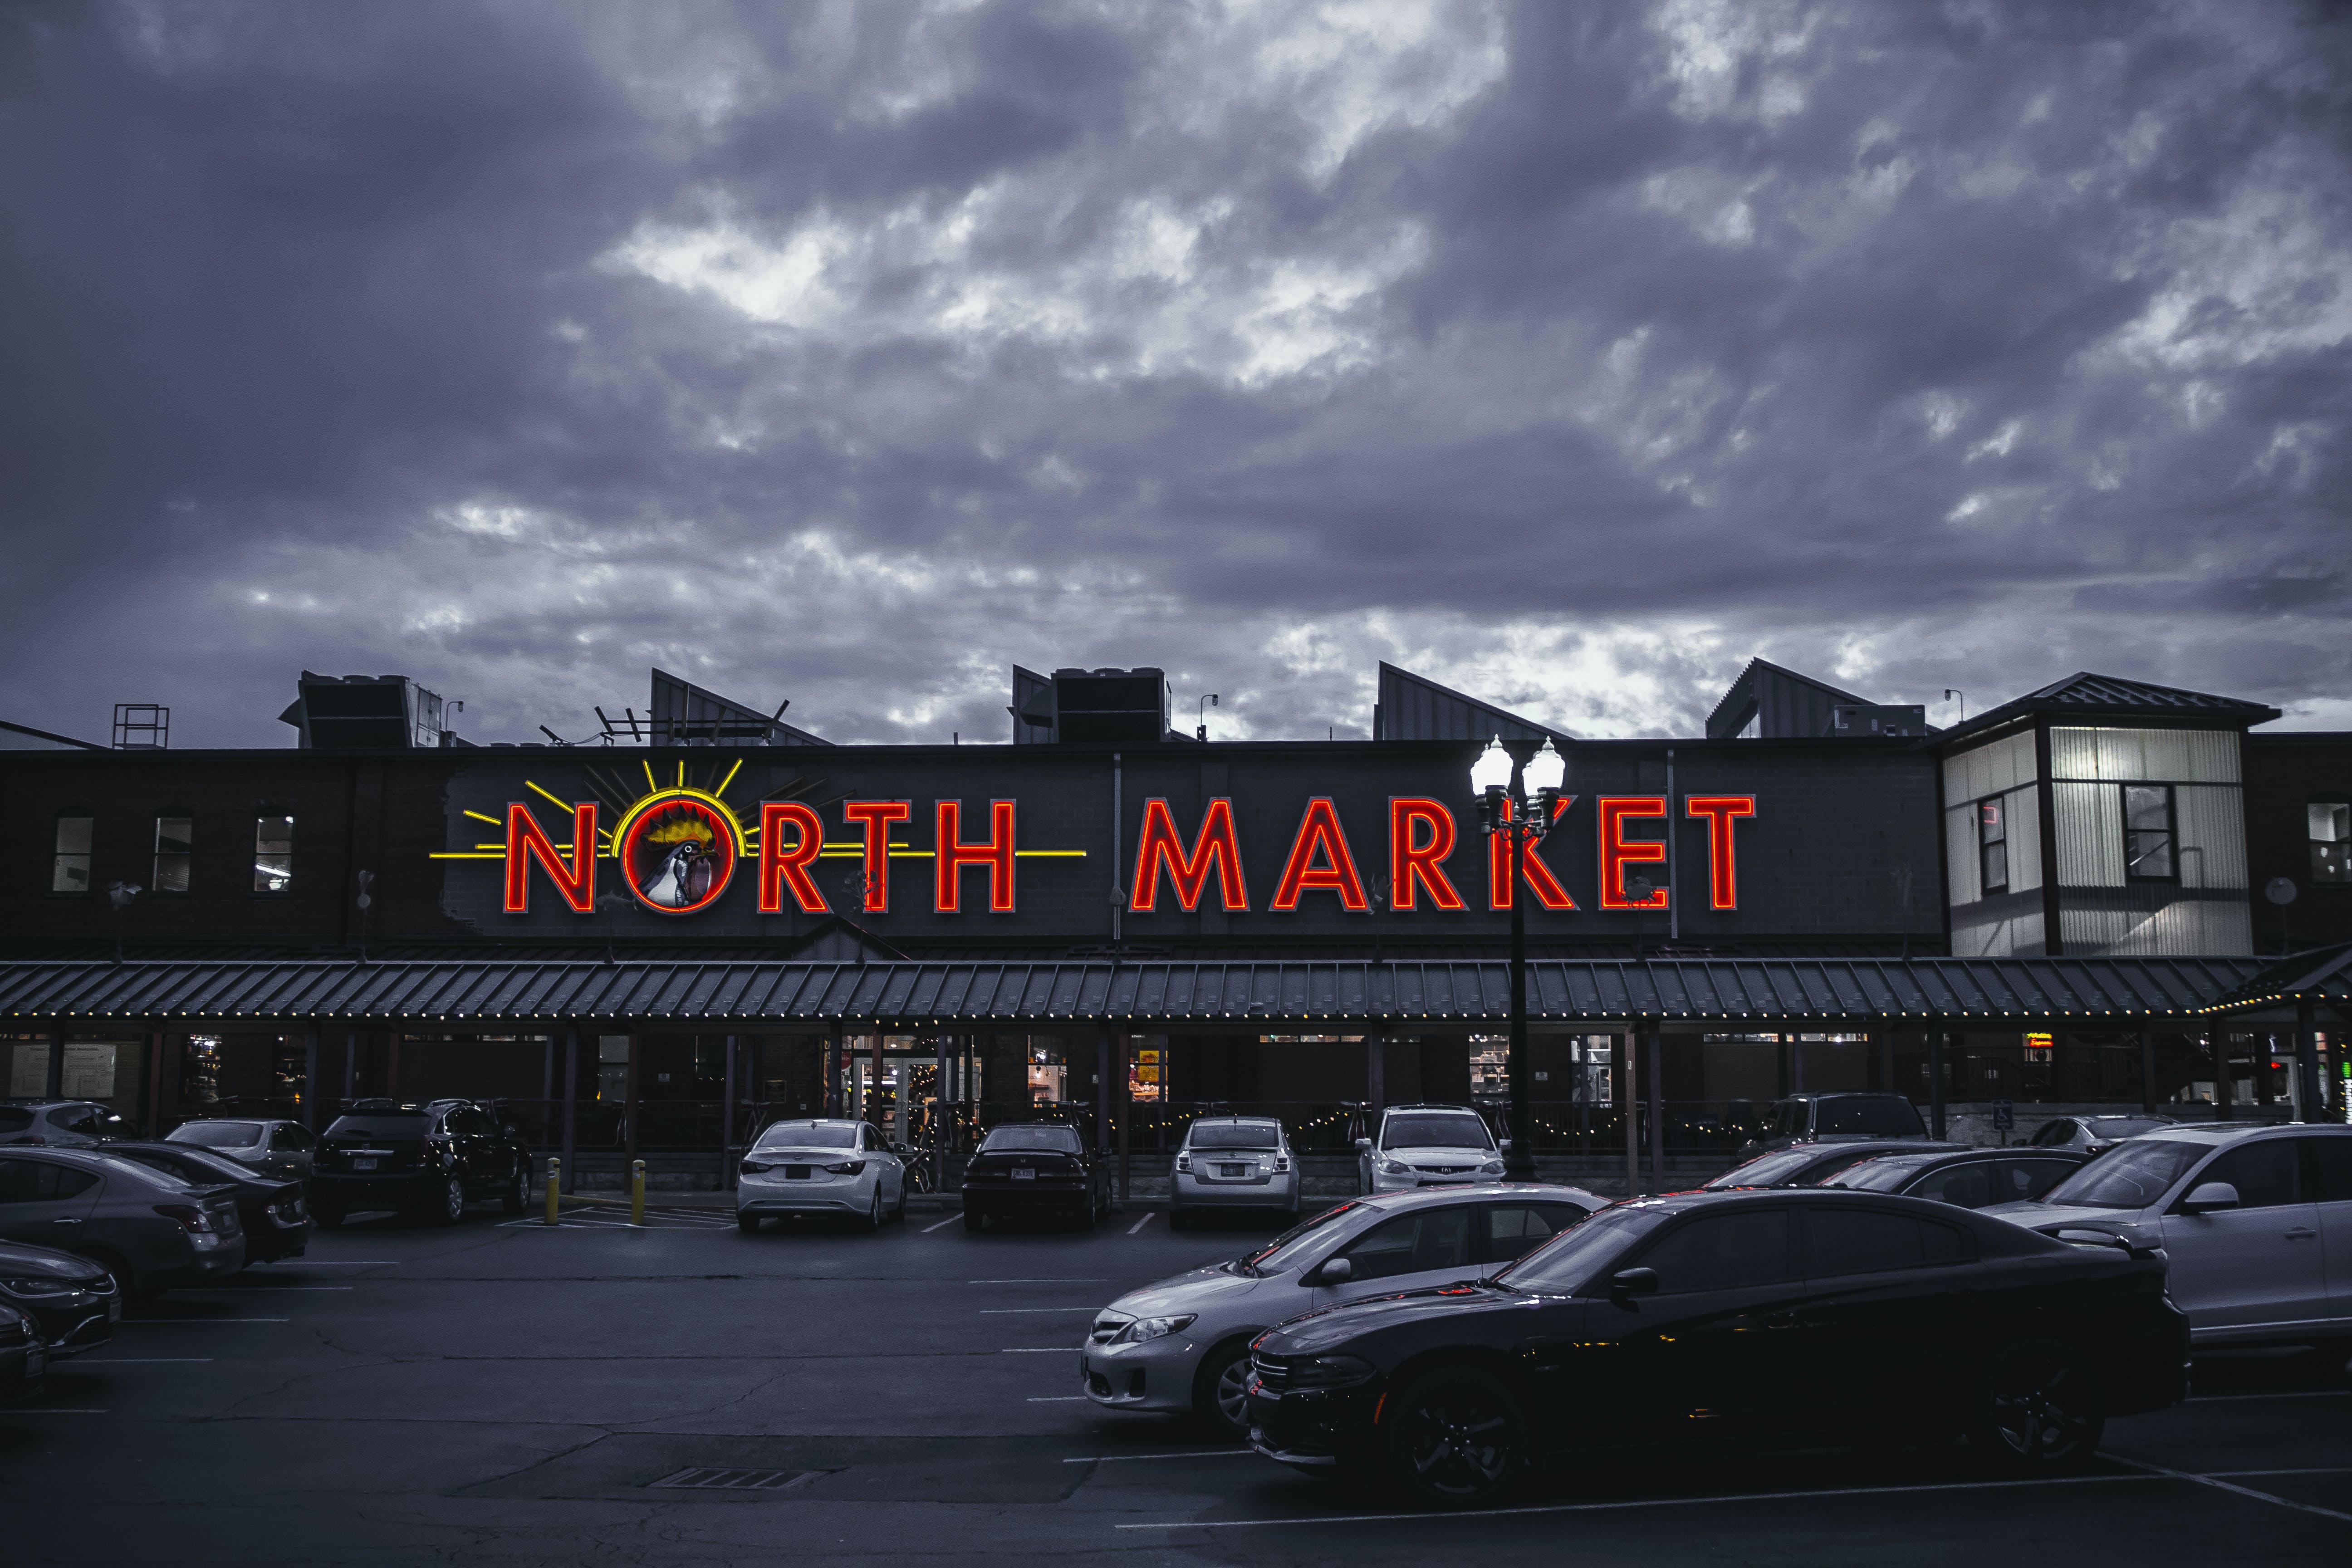 가로등, 가로등 기둥, 건물, 검은 구름의 무료 스톡 사진